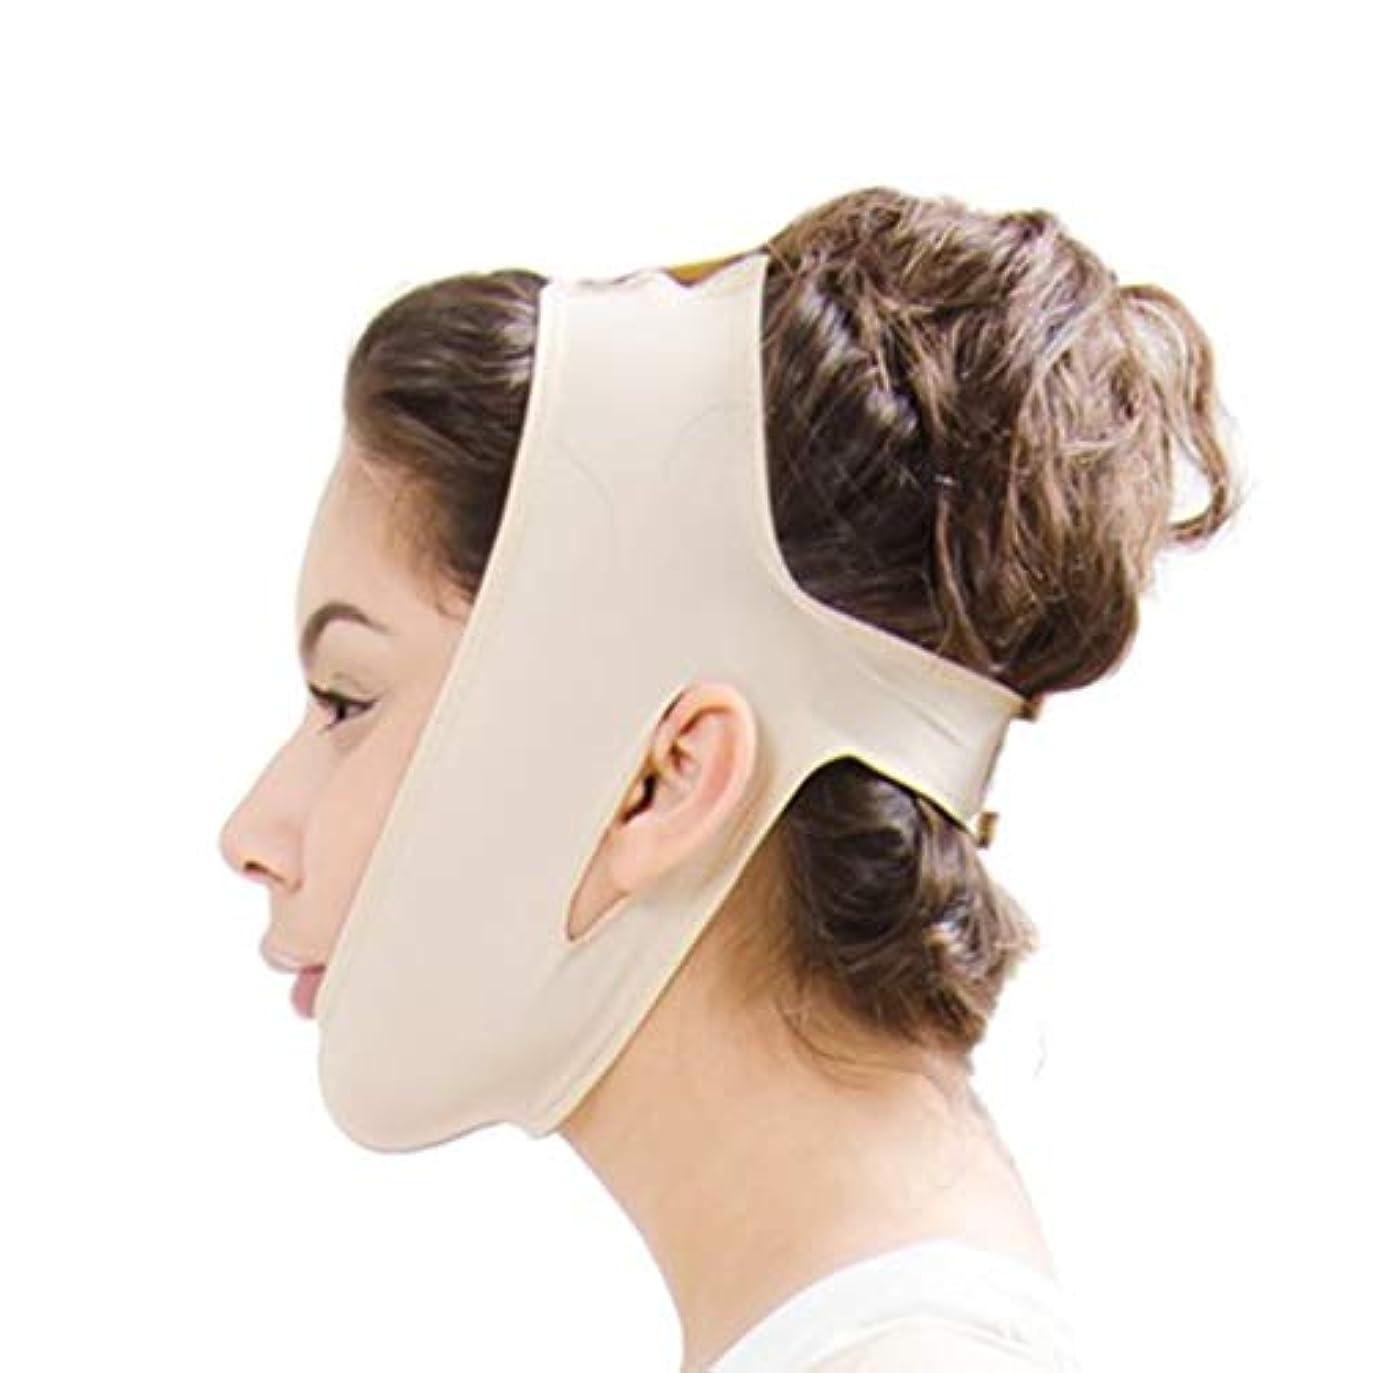 高速道路まもなく口述するXHLMRMJ フェイスリフトマスク、圧縮後の顎顔面二重あご化粧品脂肪吸引小さな顔包帯弾性ヘッドギア (Size : XXL)